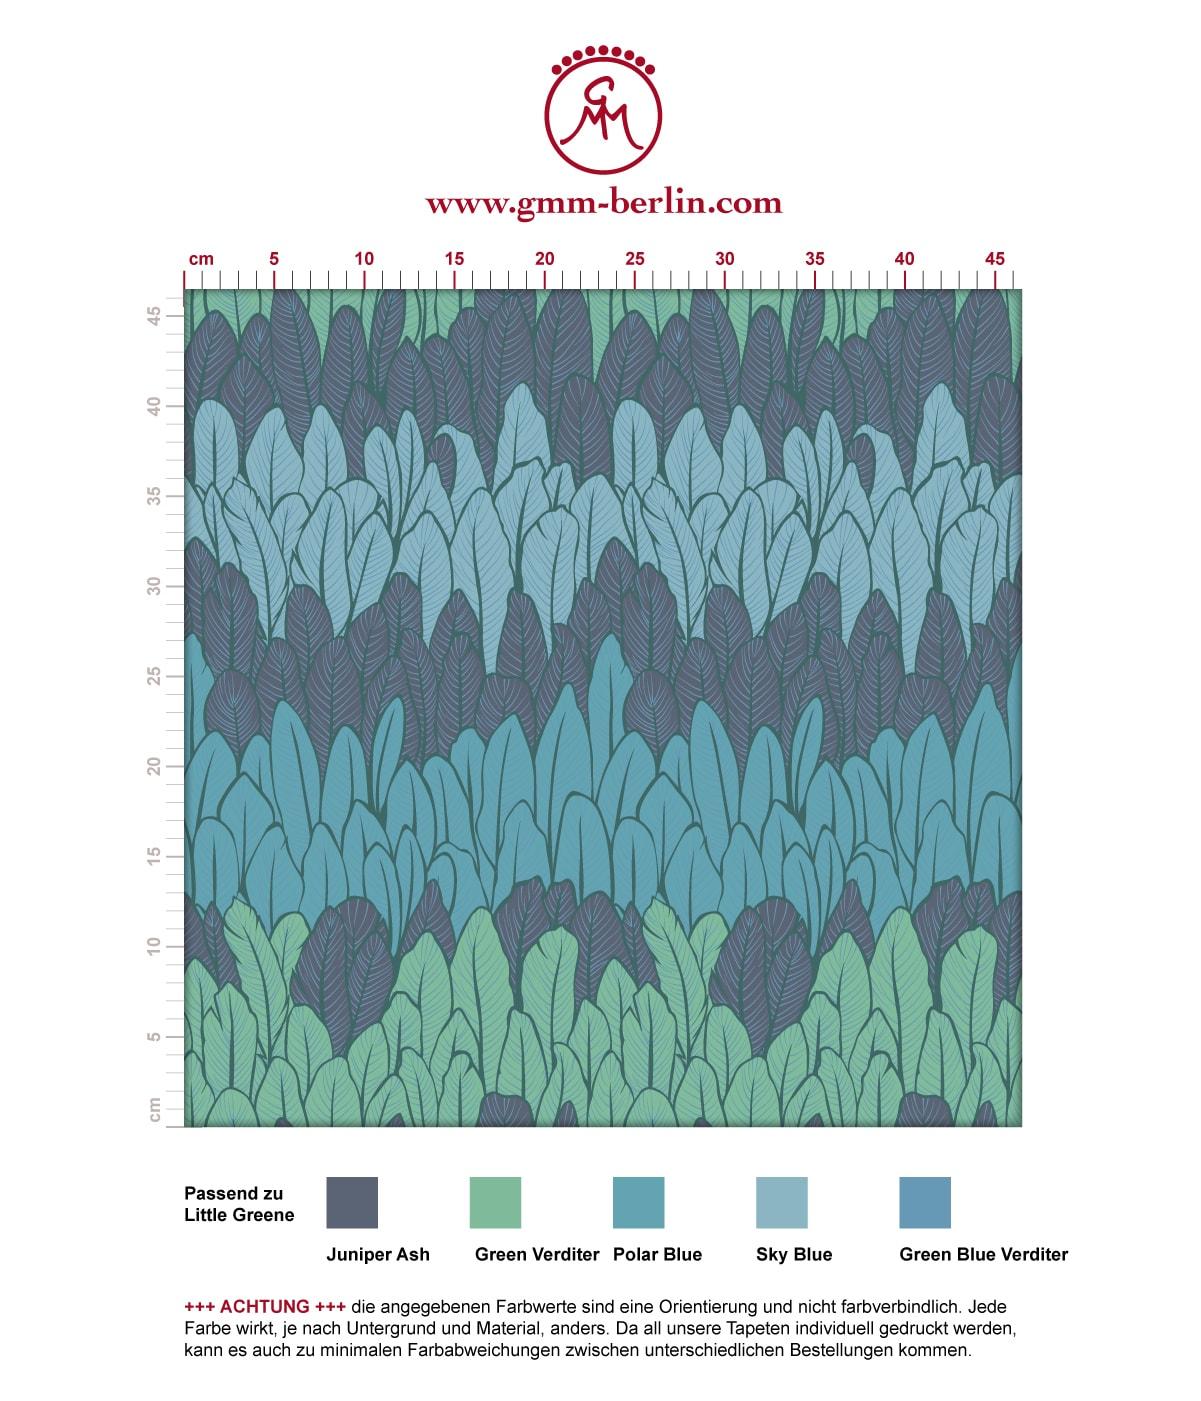 Boho Streifentapete mit Federn in blau Tönen angepasst an Little Greene Wandfarben. Aus dem GMM-BERLIN.com Sortiment: Schöne Tapeten in der Farbe: mittelblau